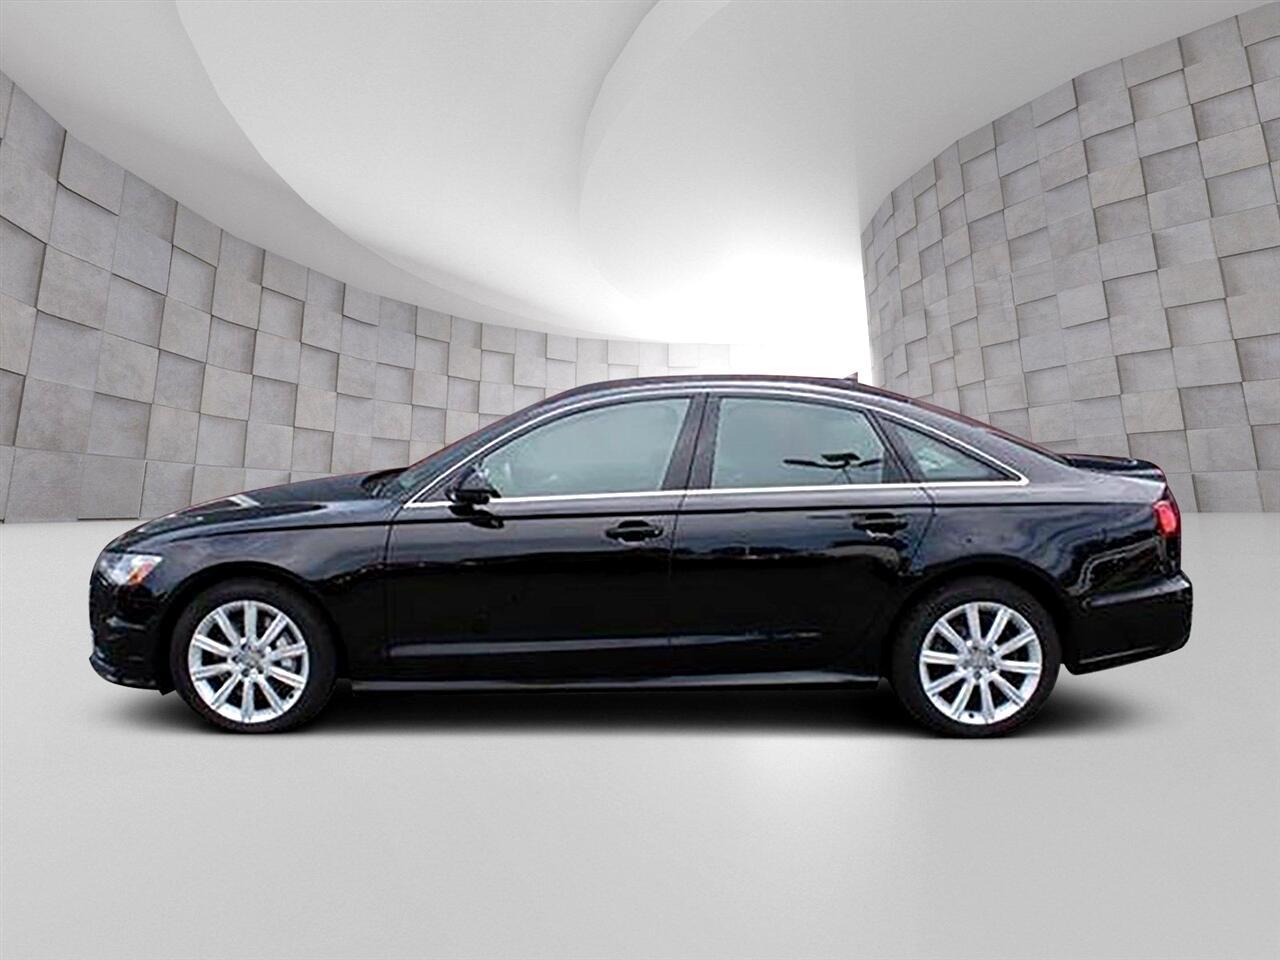 Audi A6 4dr Sdn quattro 2.0T Premium 2016